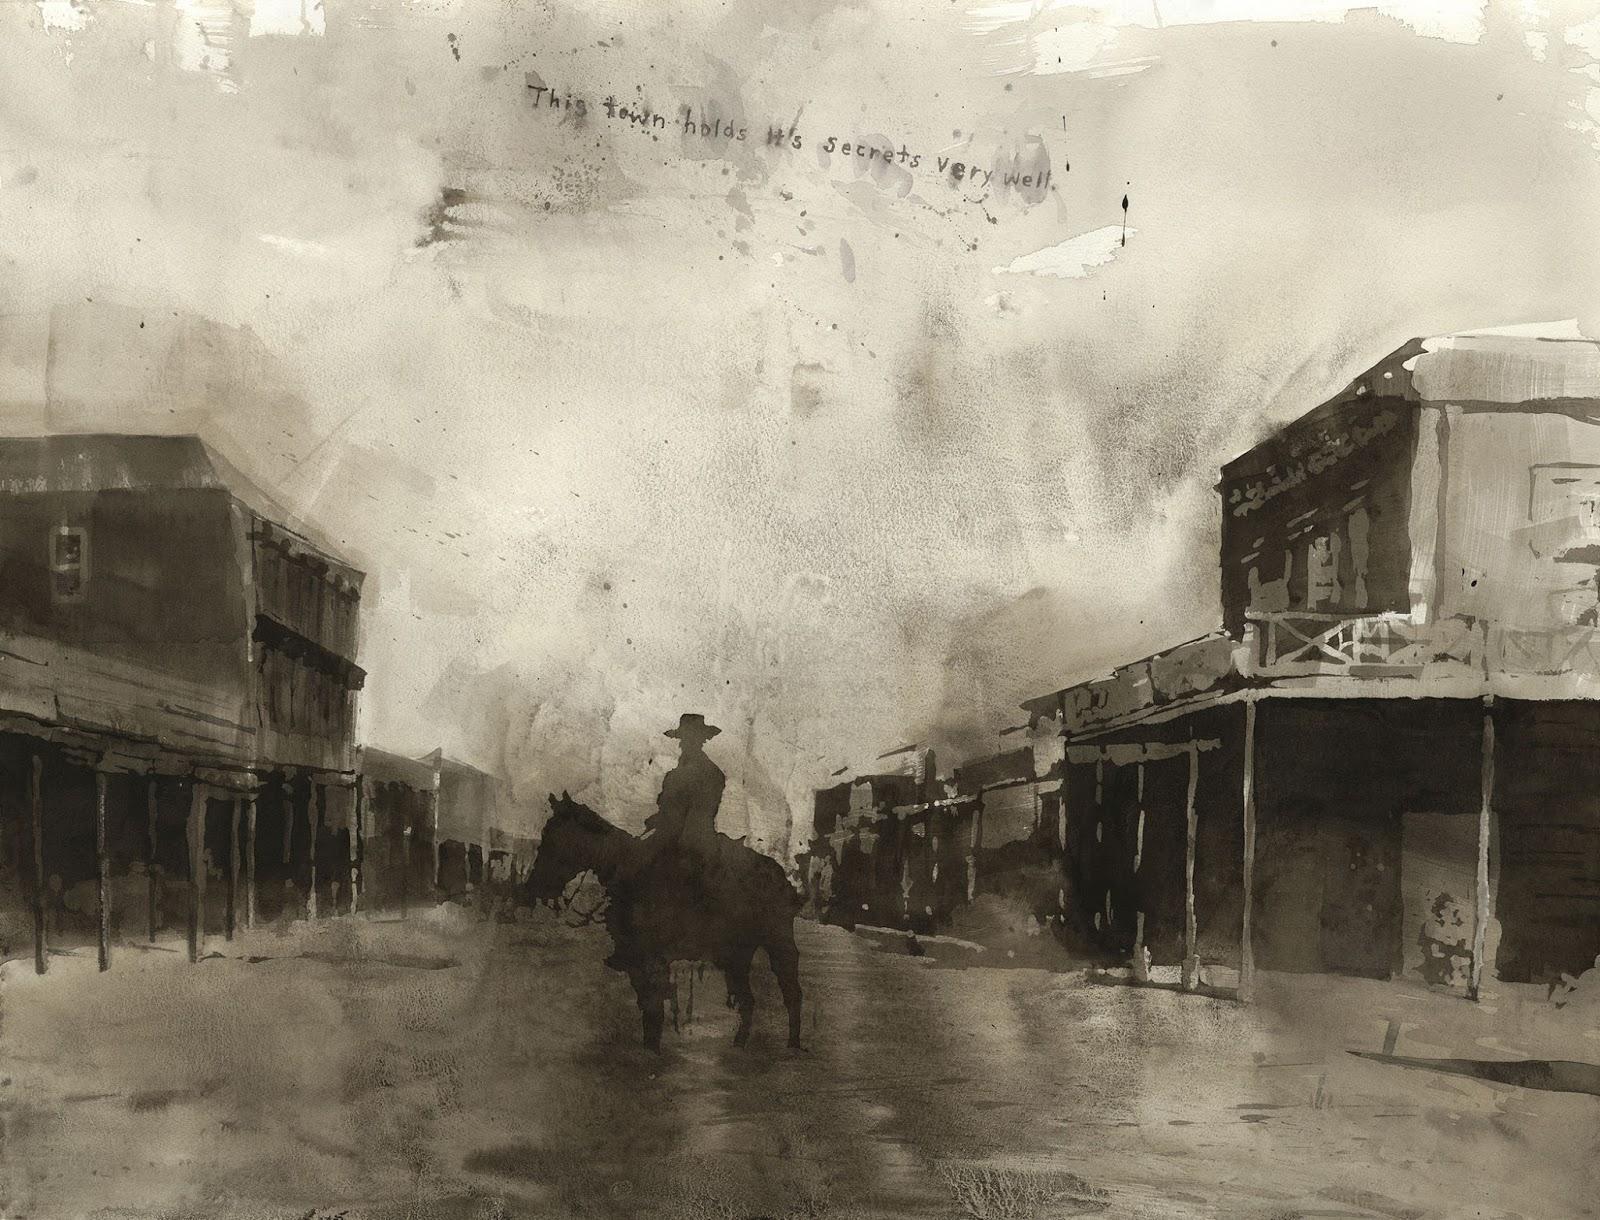 vaquero solitario en ciudad montado a caballo